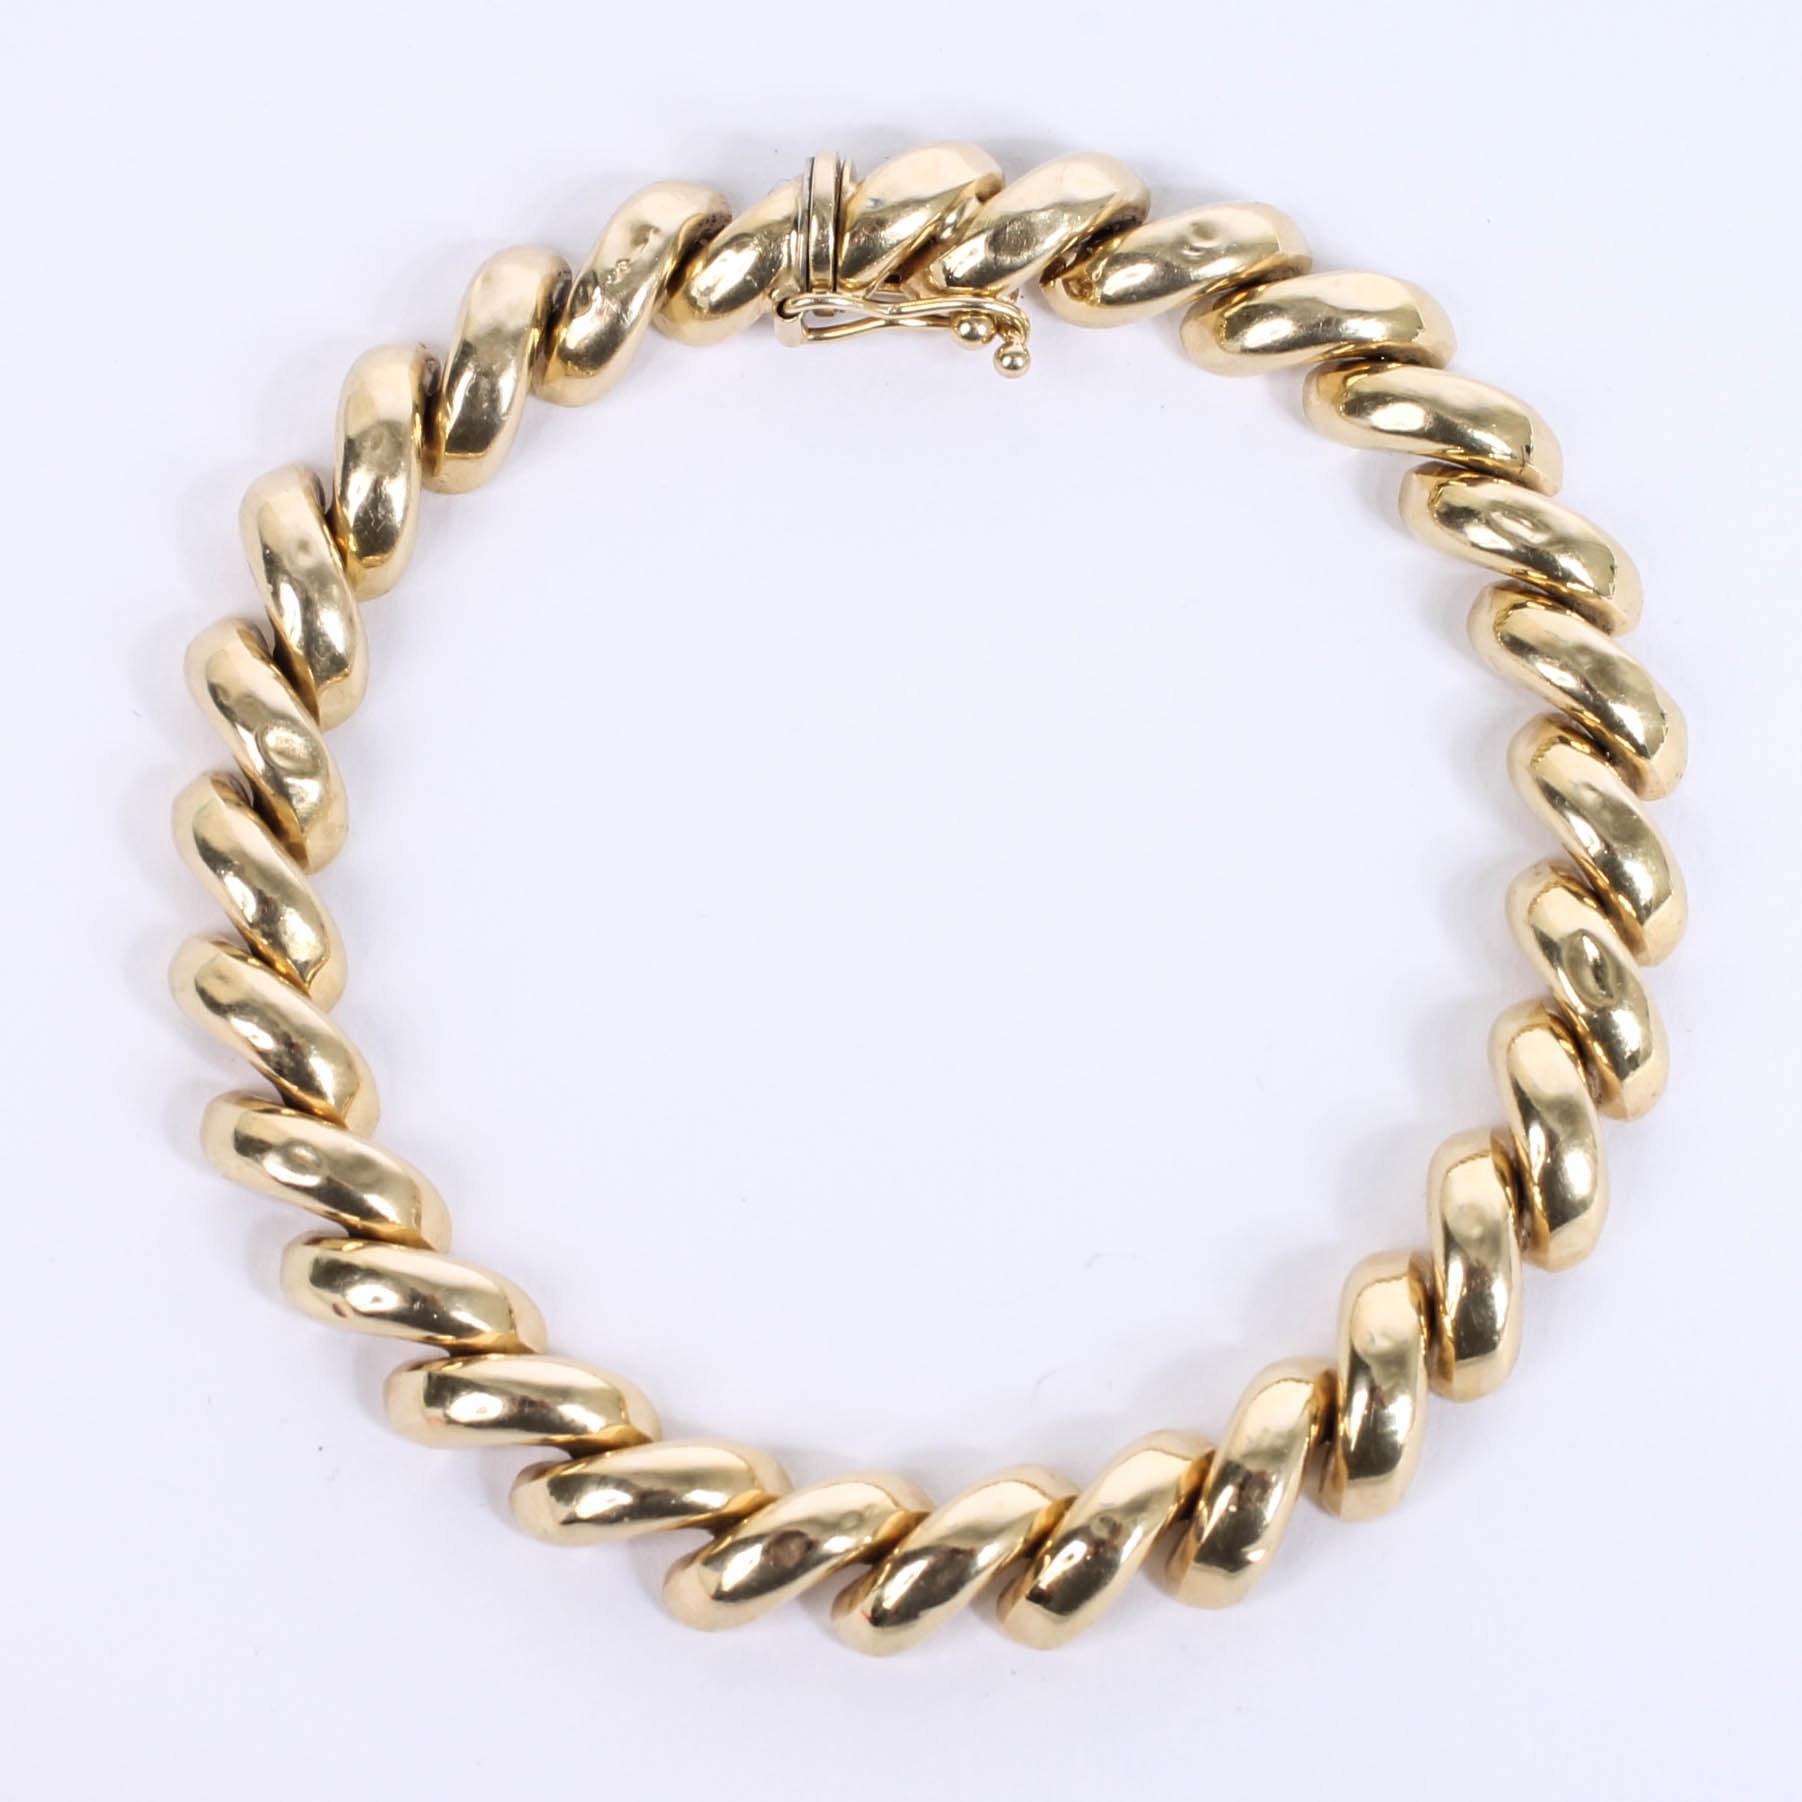 Peru 14K Yellow Gold San Marco Bracelet